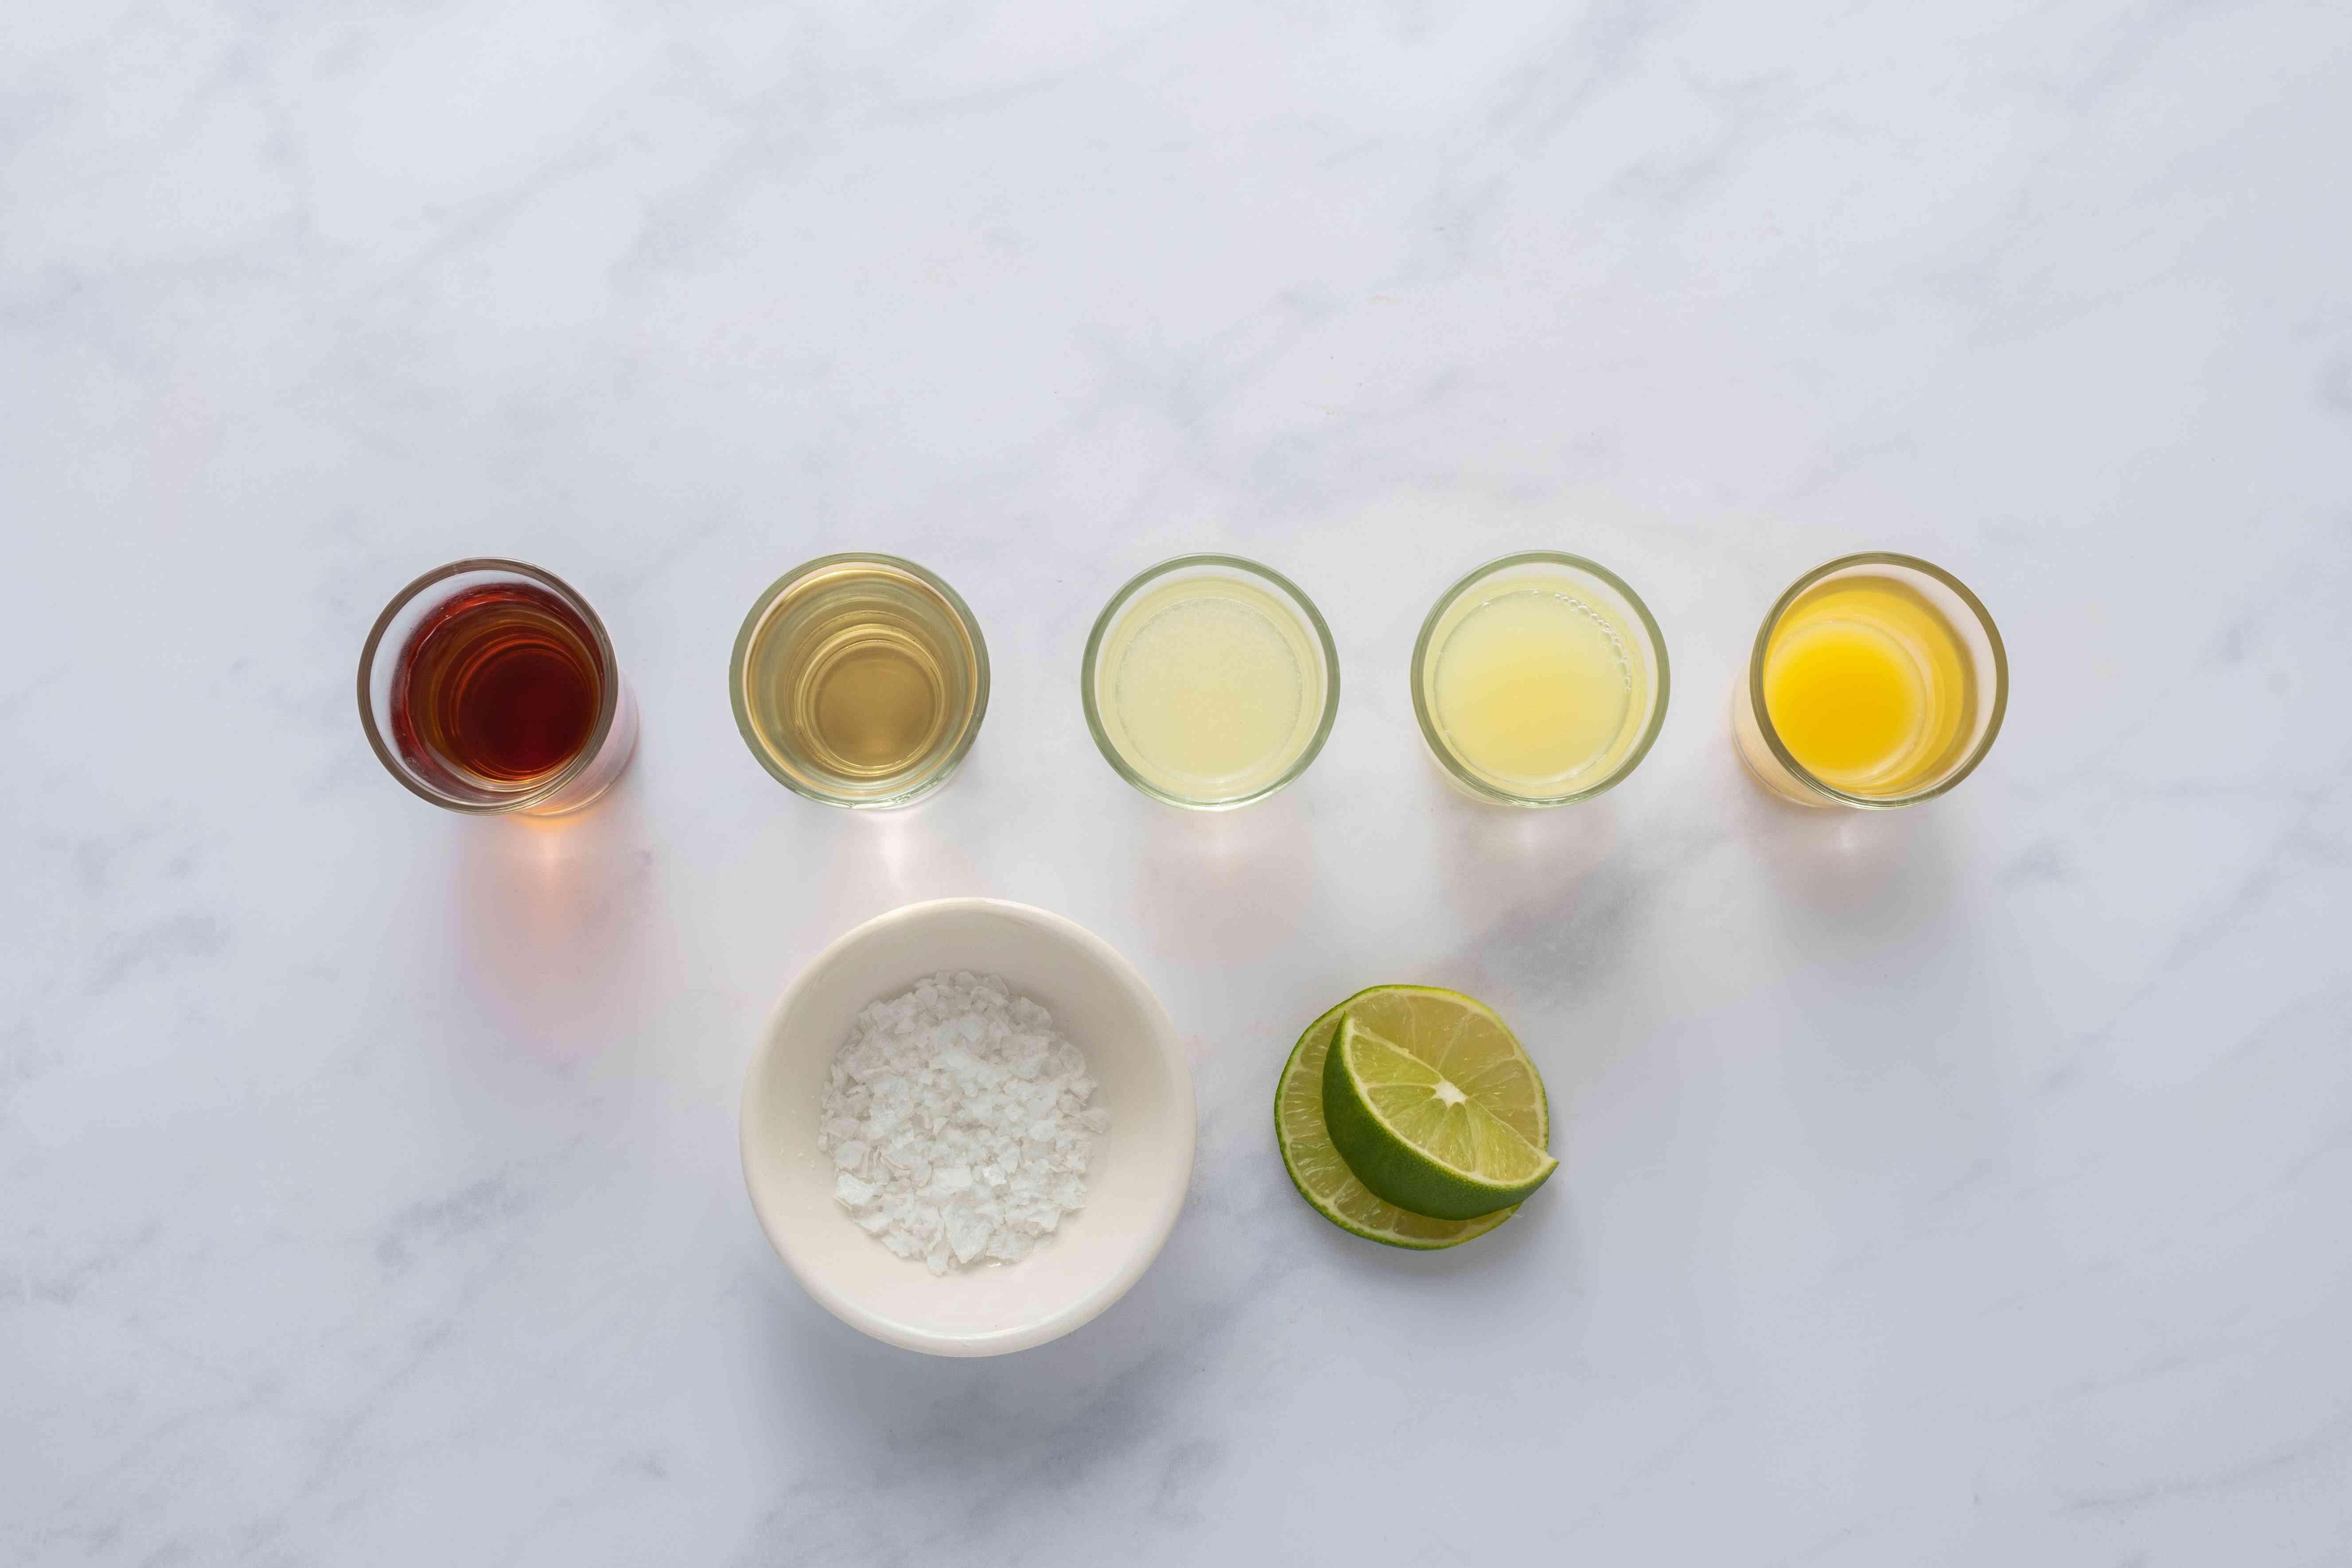 Golden Margarita ingredients